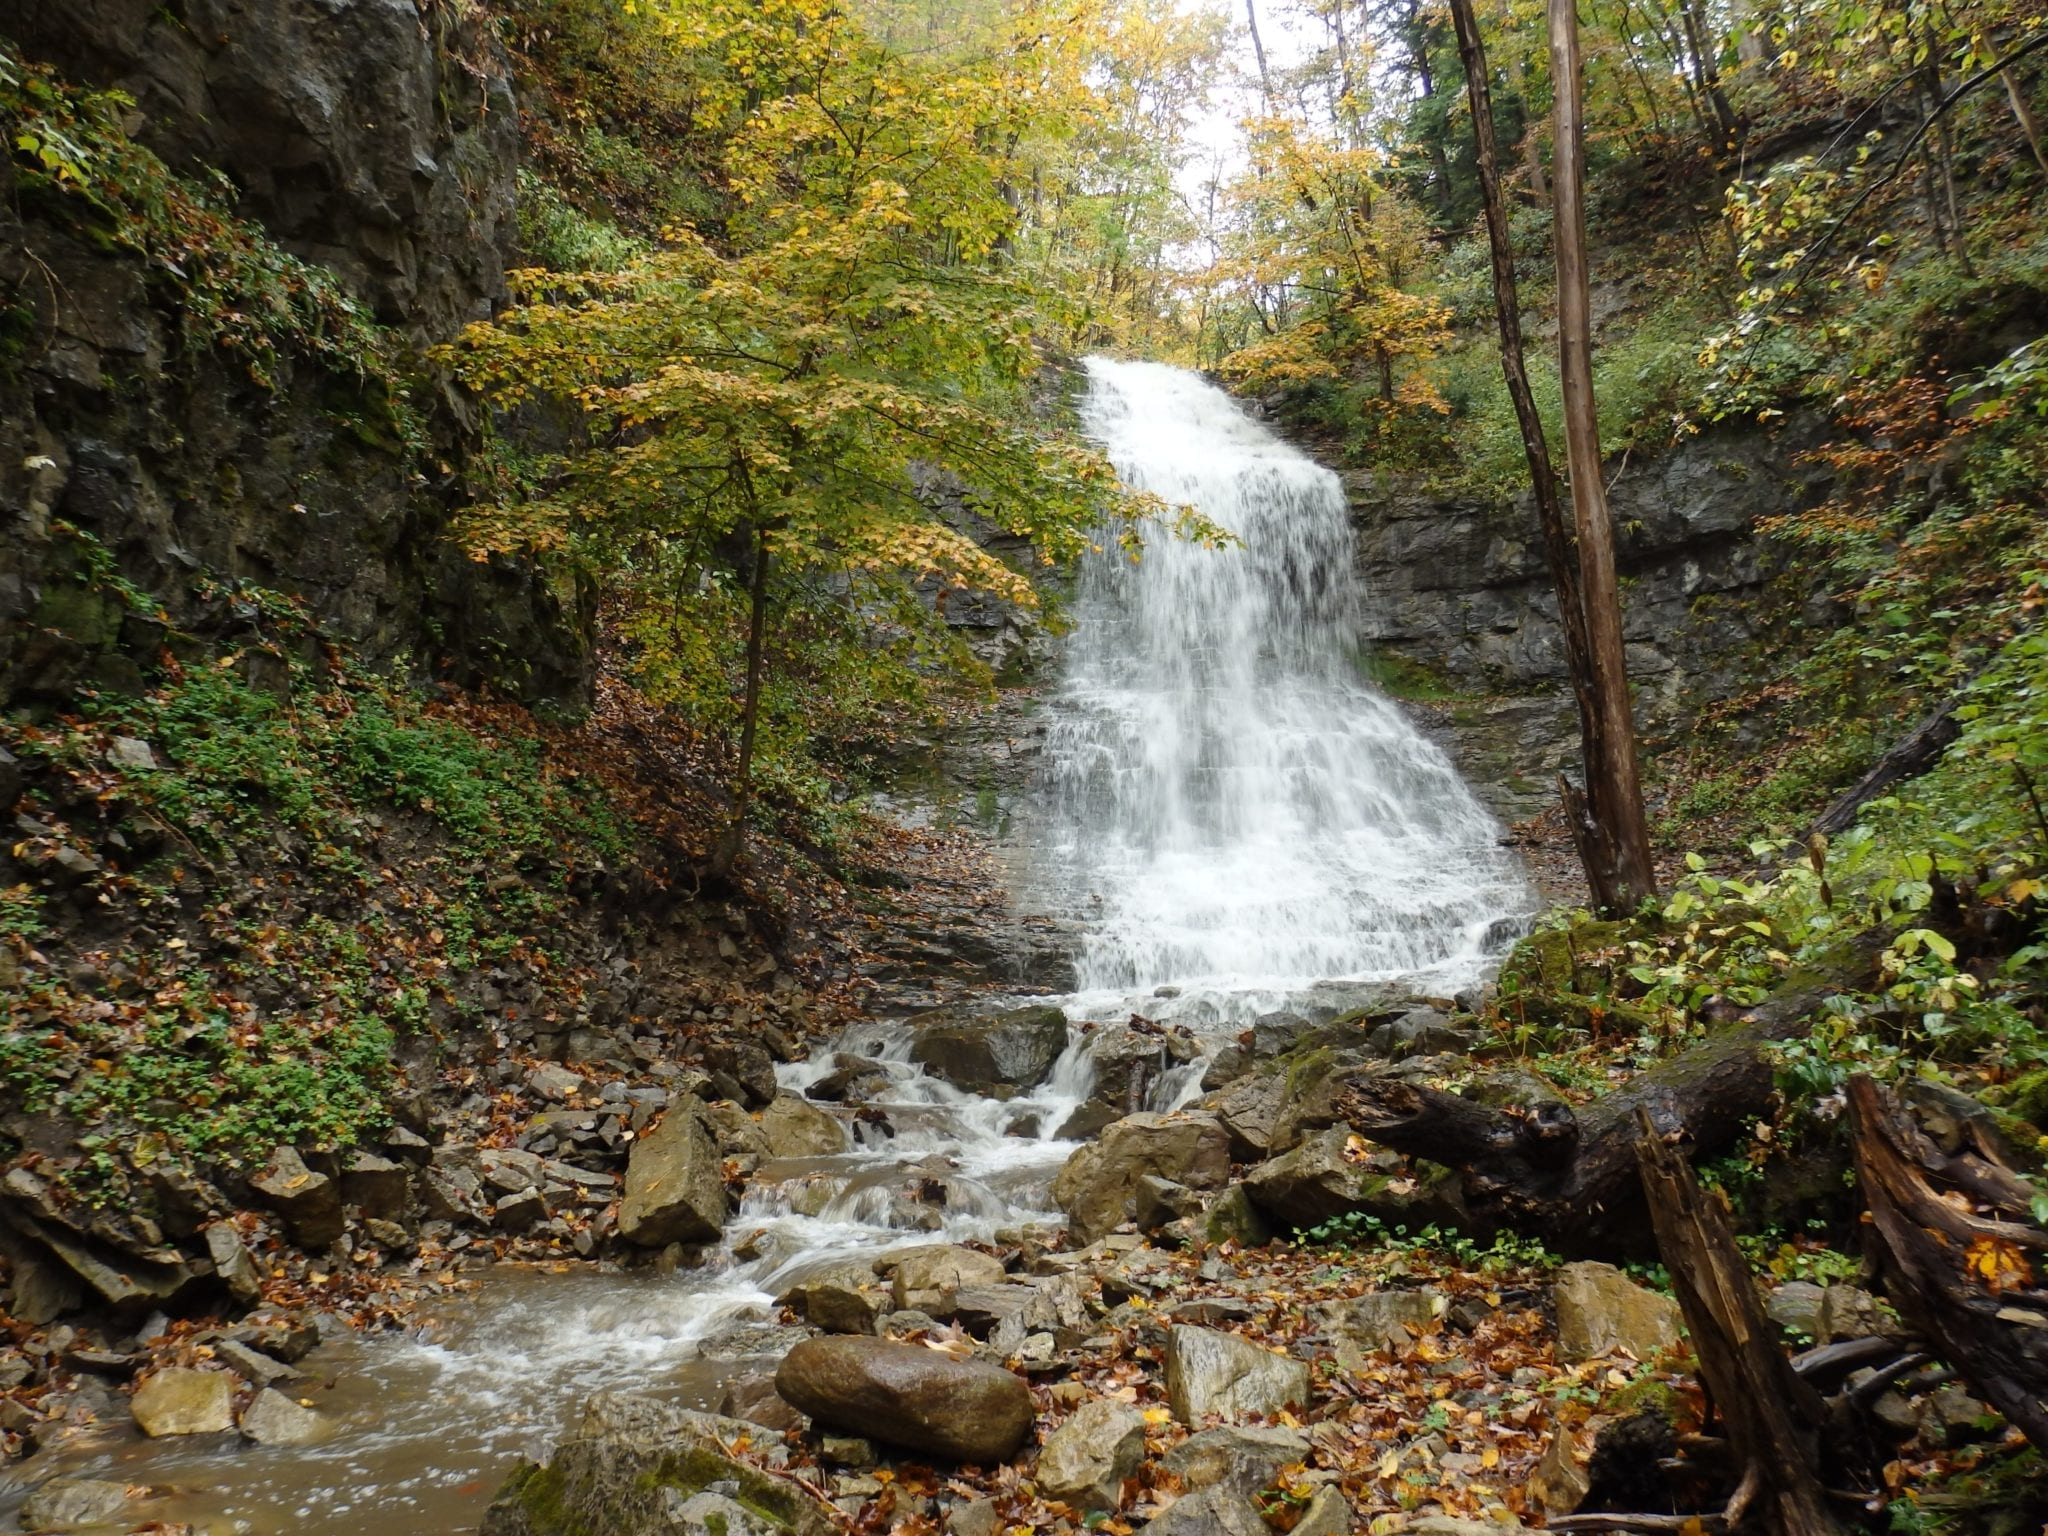 Buttermilk Falls - Little Falls, Herkimer County, New York